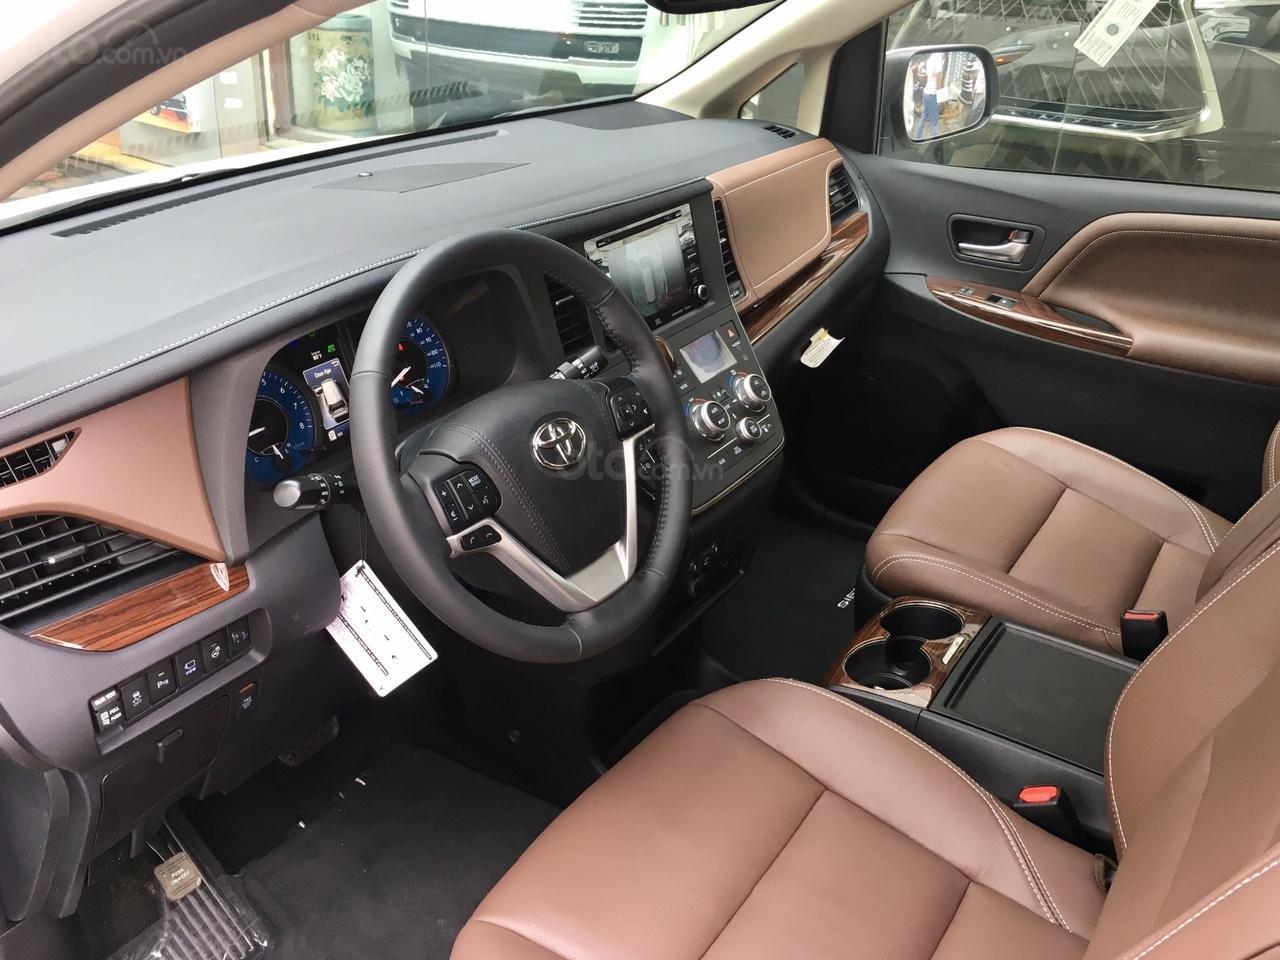 Bán Toyota Sienna Limited 2020 bản 1 cầu, giá tốt, nhập Mỹ giao ngay toàn quốc- LH 0945.39.2468 Ms Hương (15)